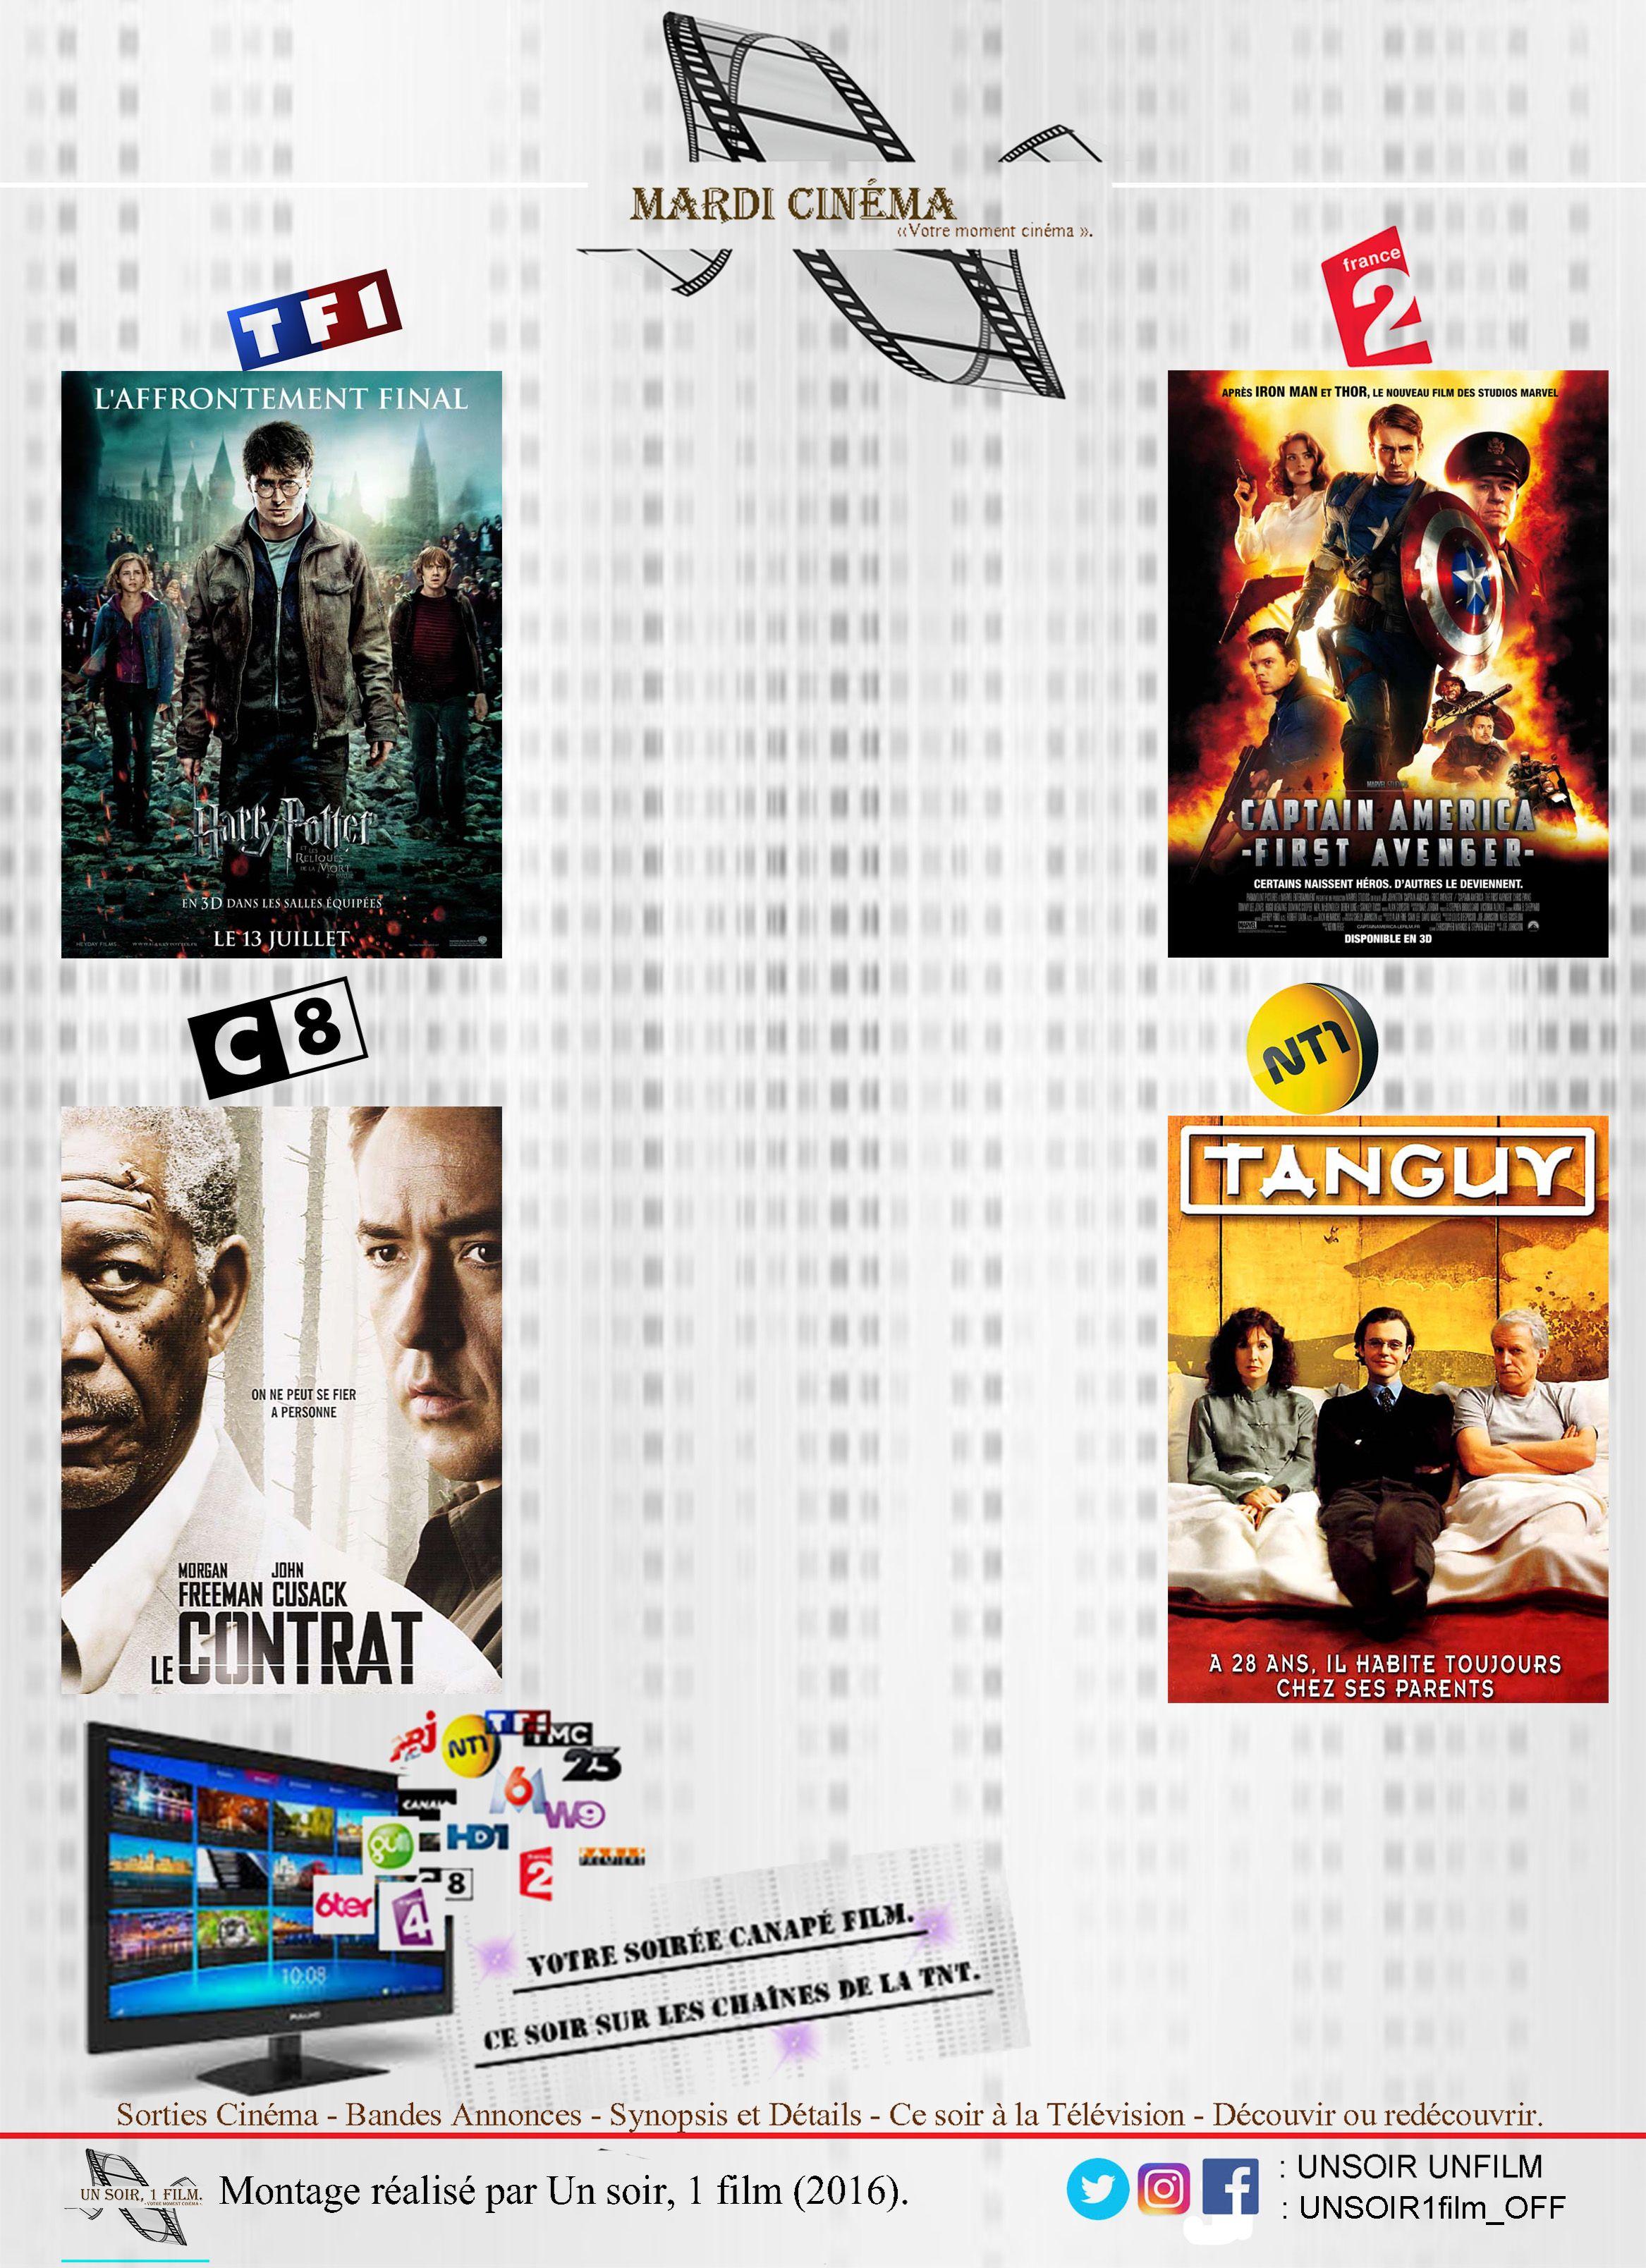 Votre mardi cinéma. Retrouvez à 20hr50 sur les chaînes de